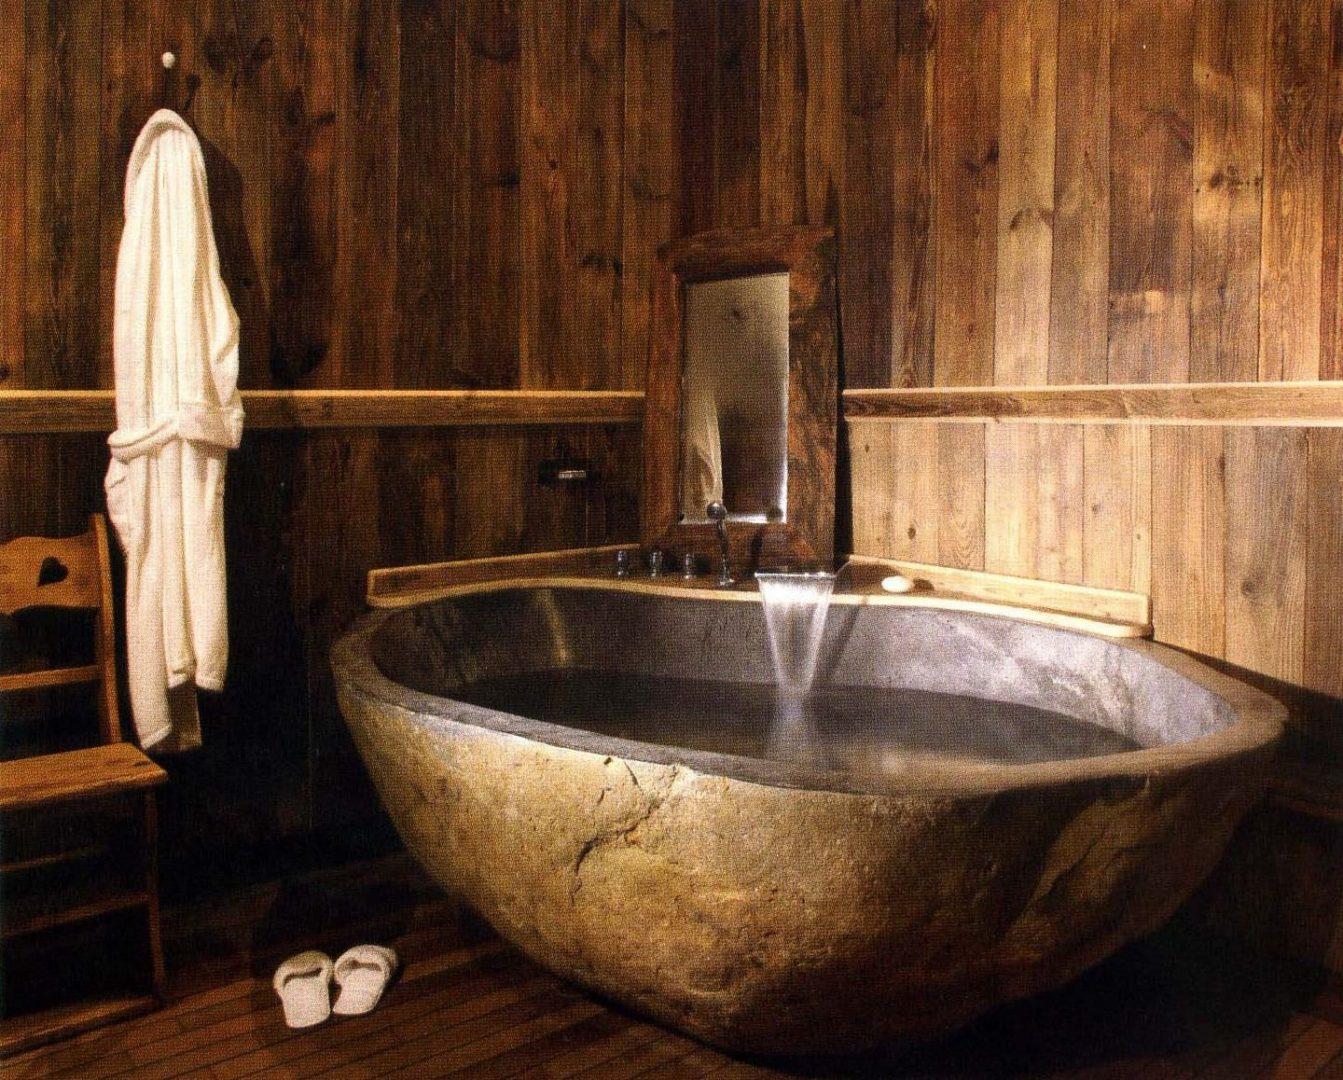 Imagenes Baño Rustico:Bañera de baño de estilo rústico :: Imágenes y fotos